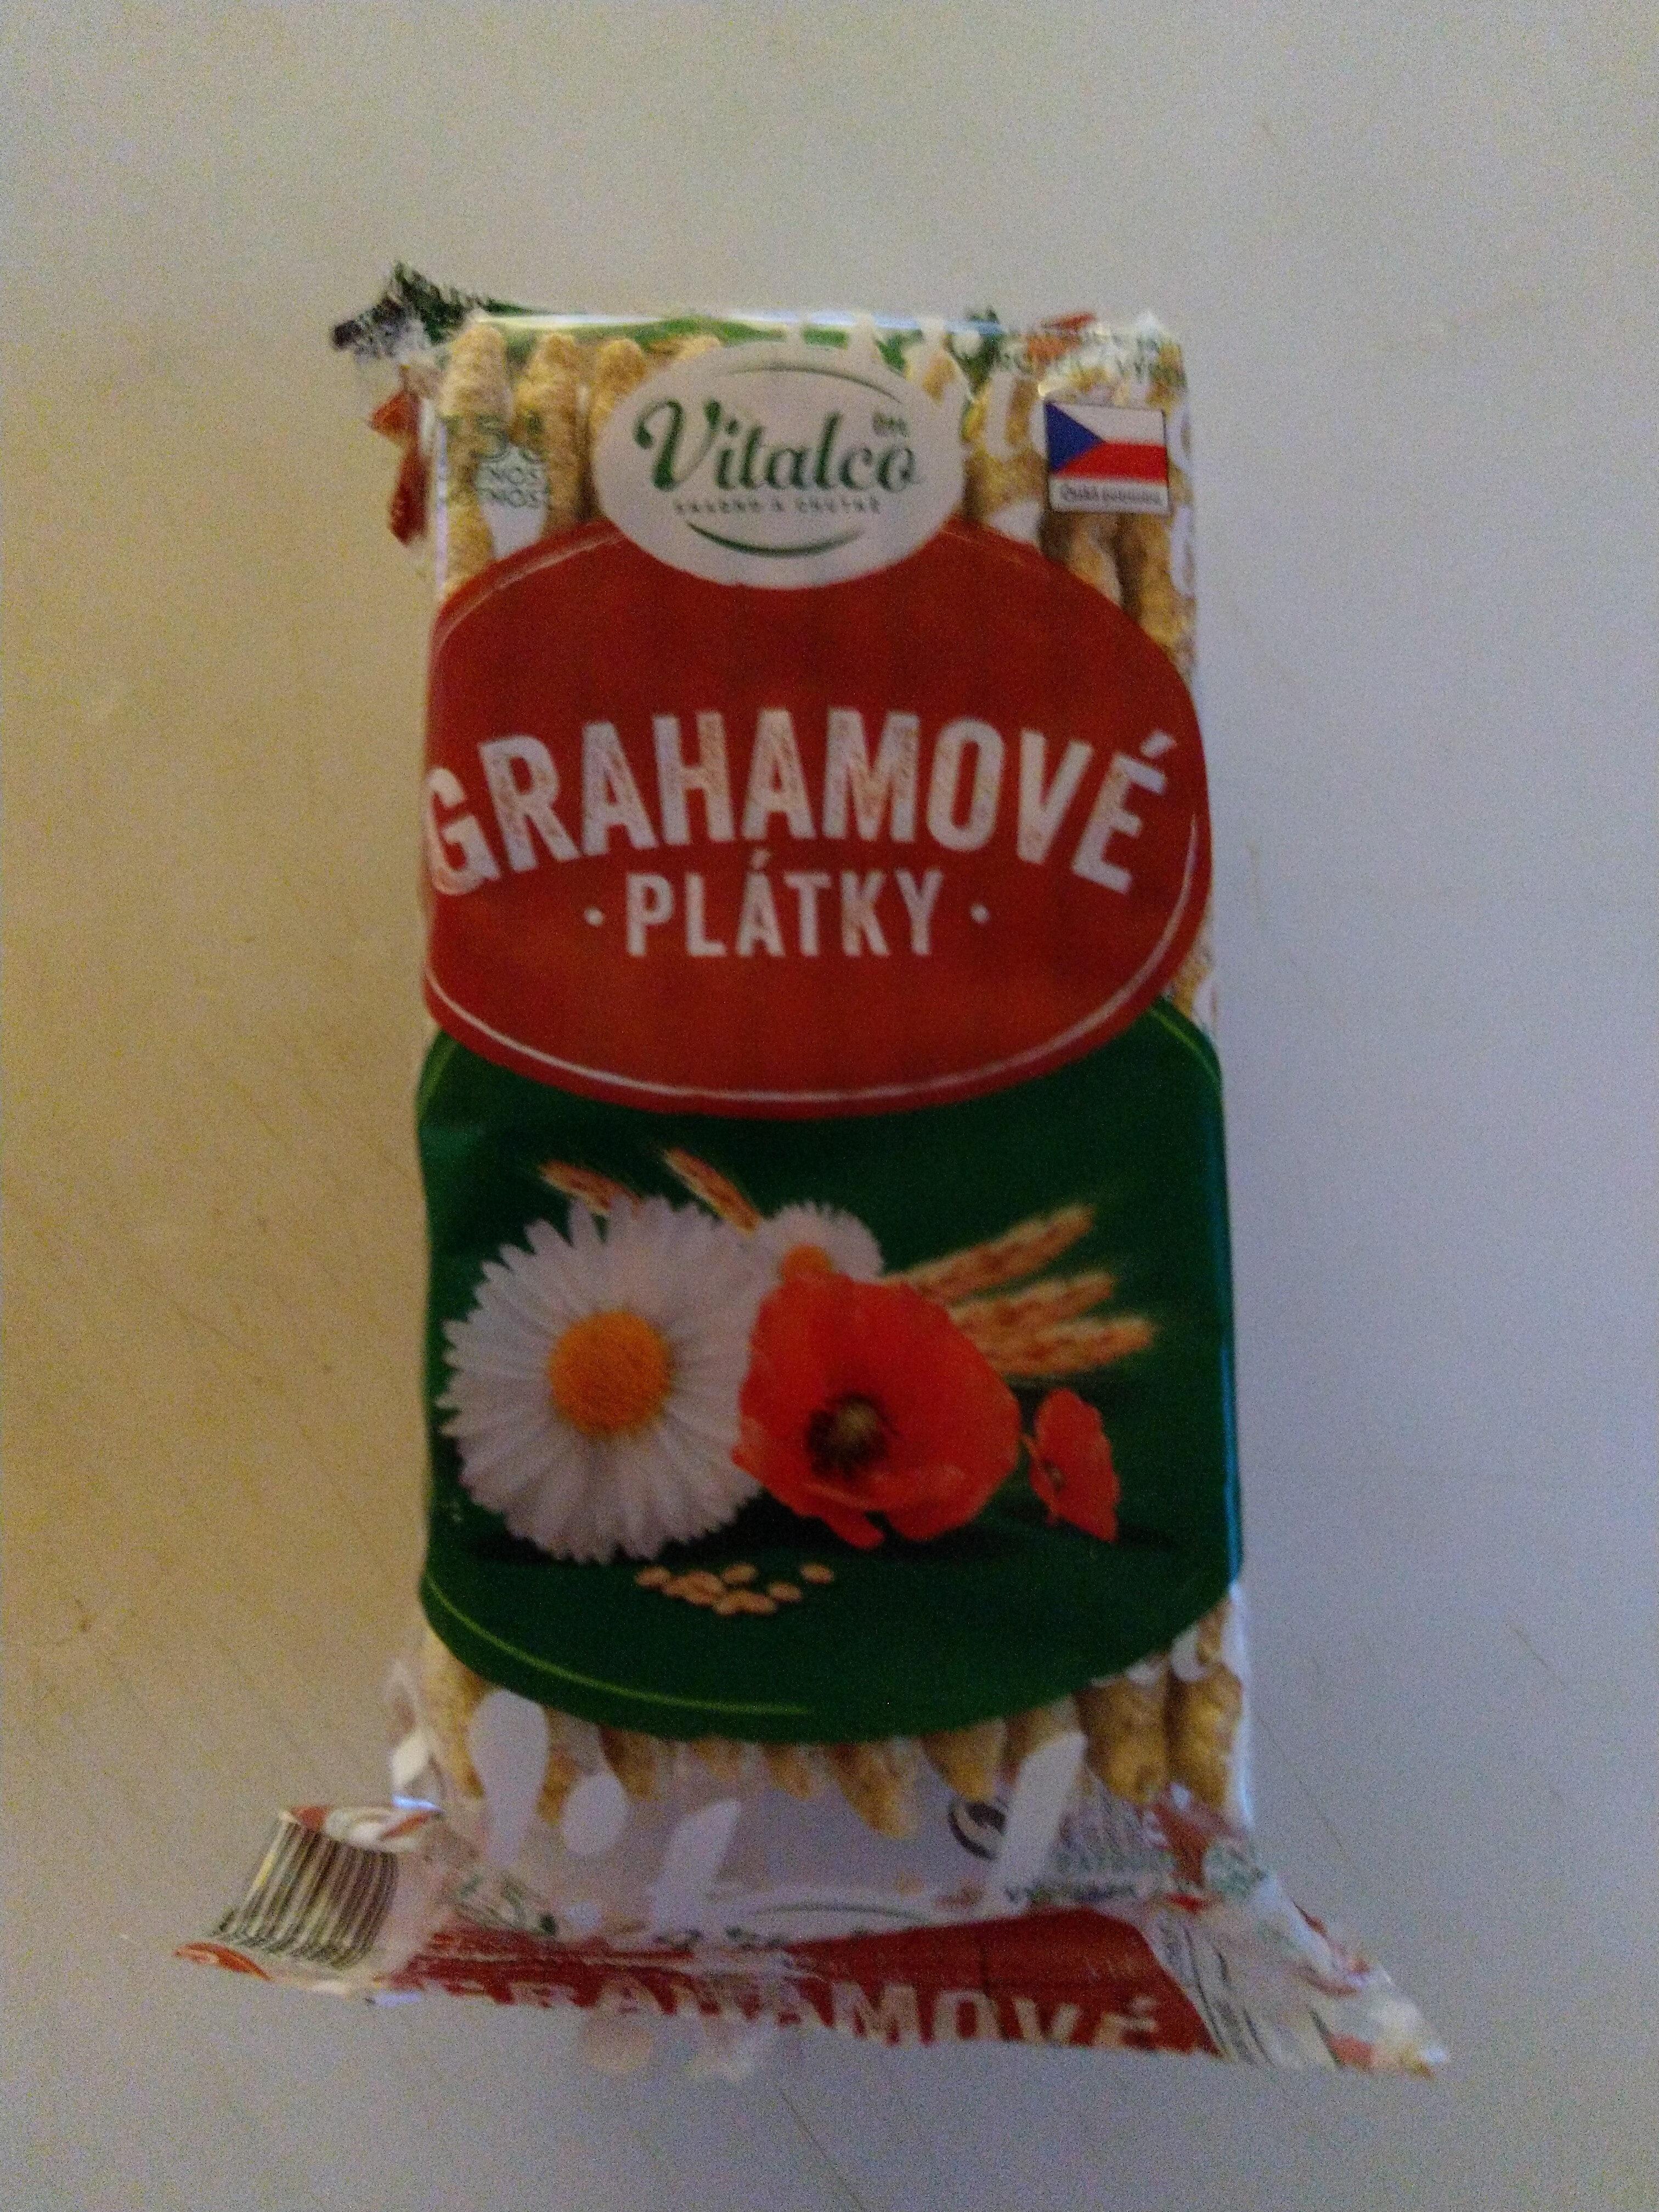 Grahamové plátky - Produit - cs